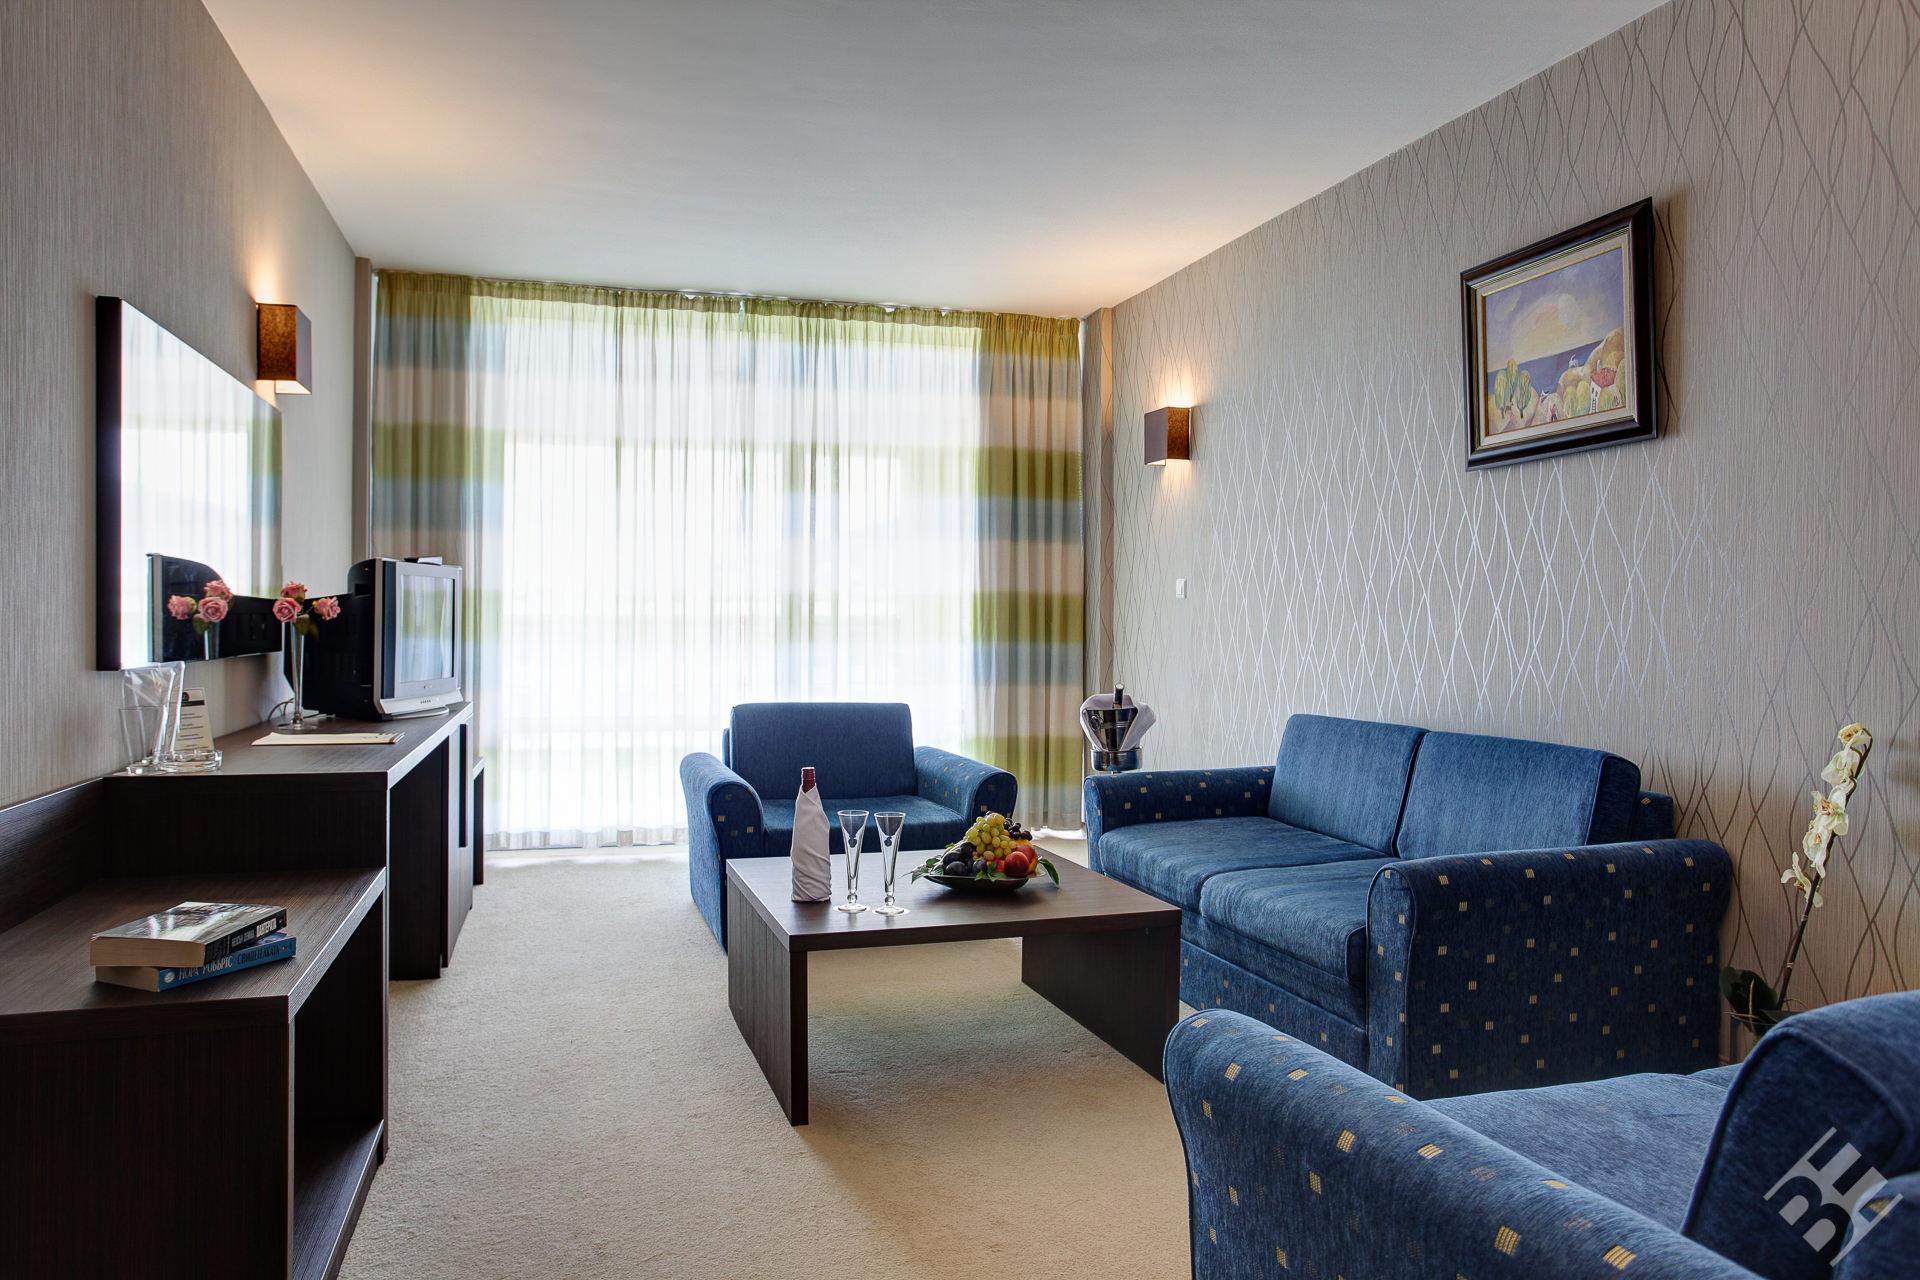 Hotels_02_IMG_9007H3_Volen_Evtimov